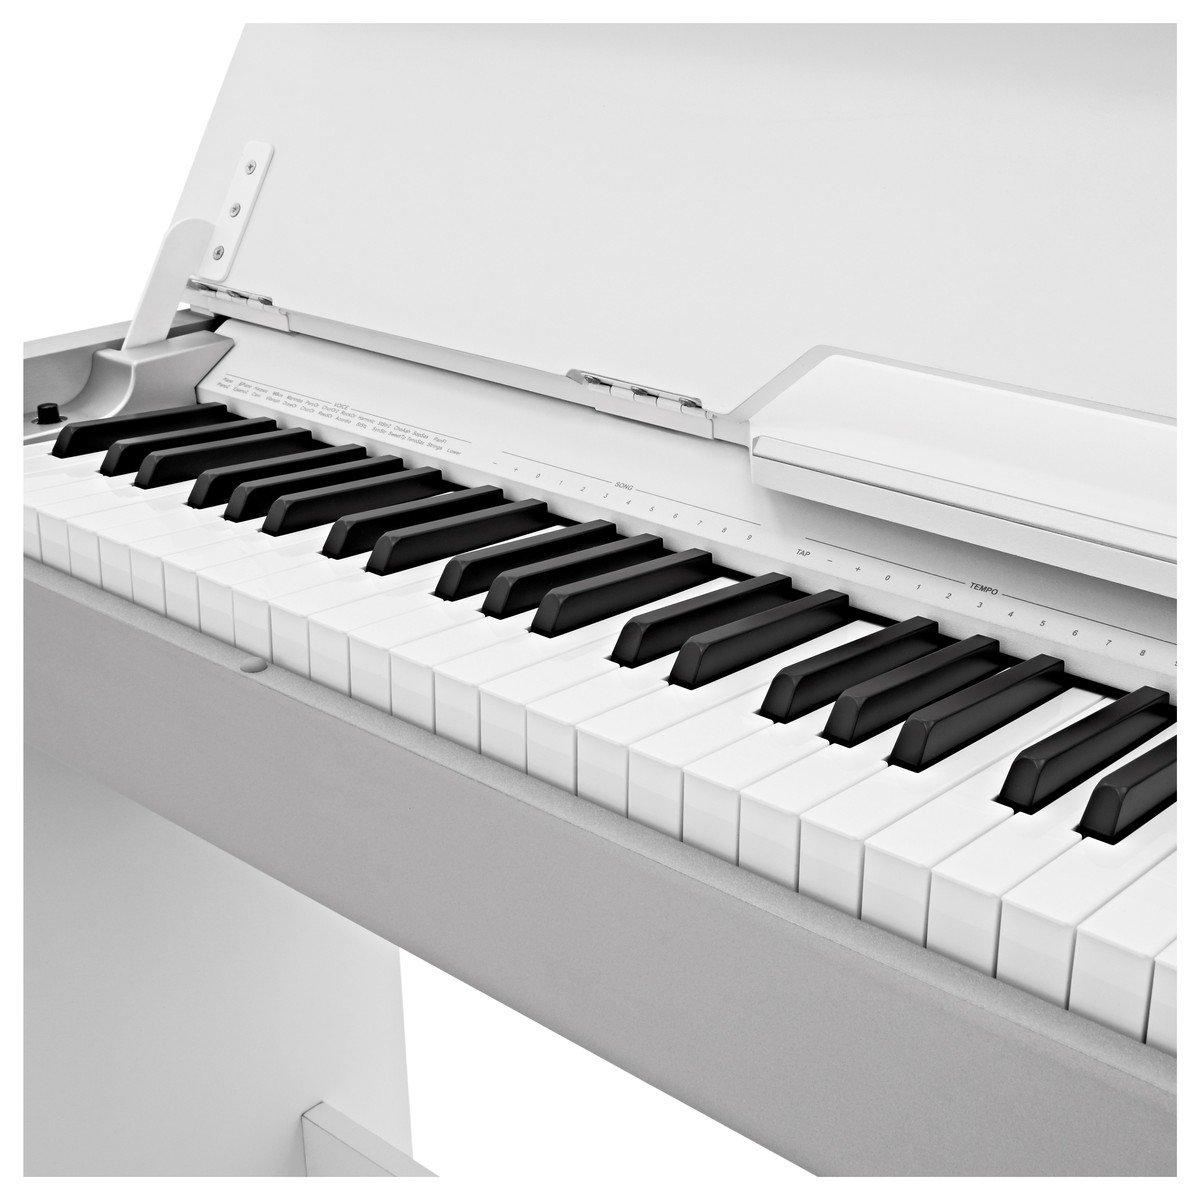 Piano Digital Compacto DP-7 de Gear4music - Blanco